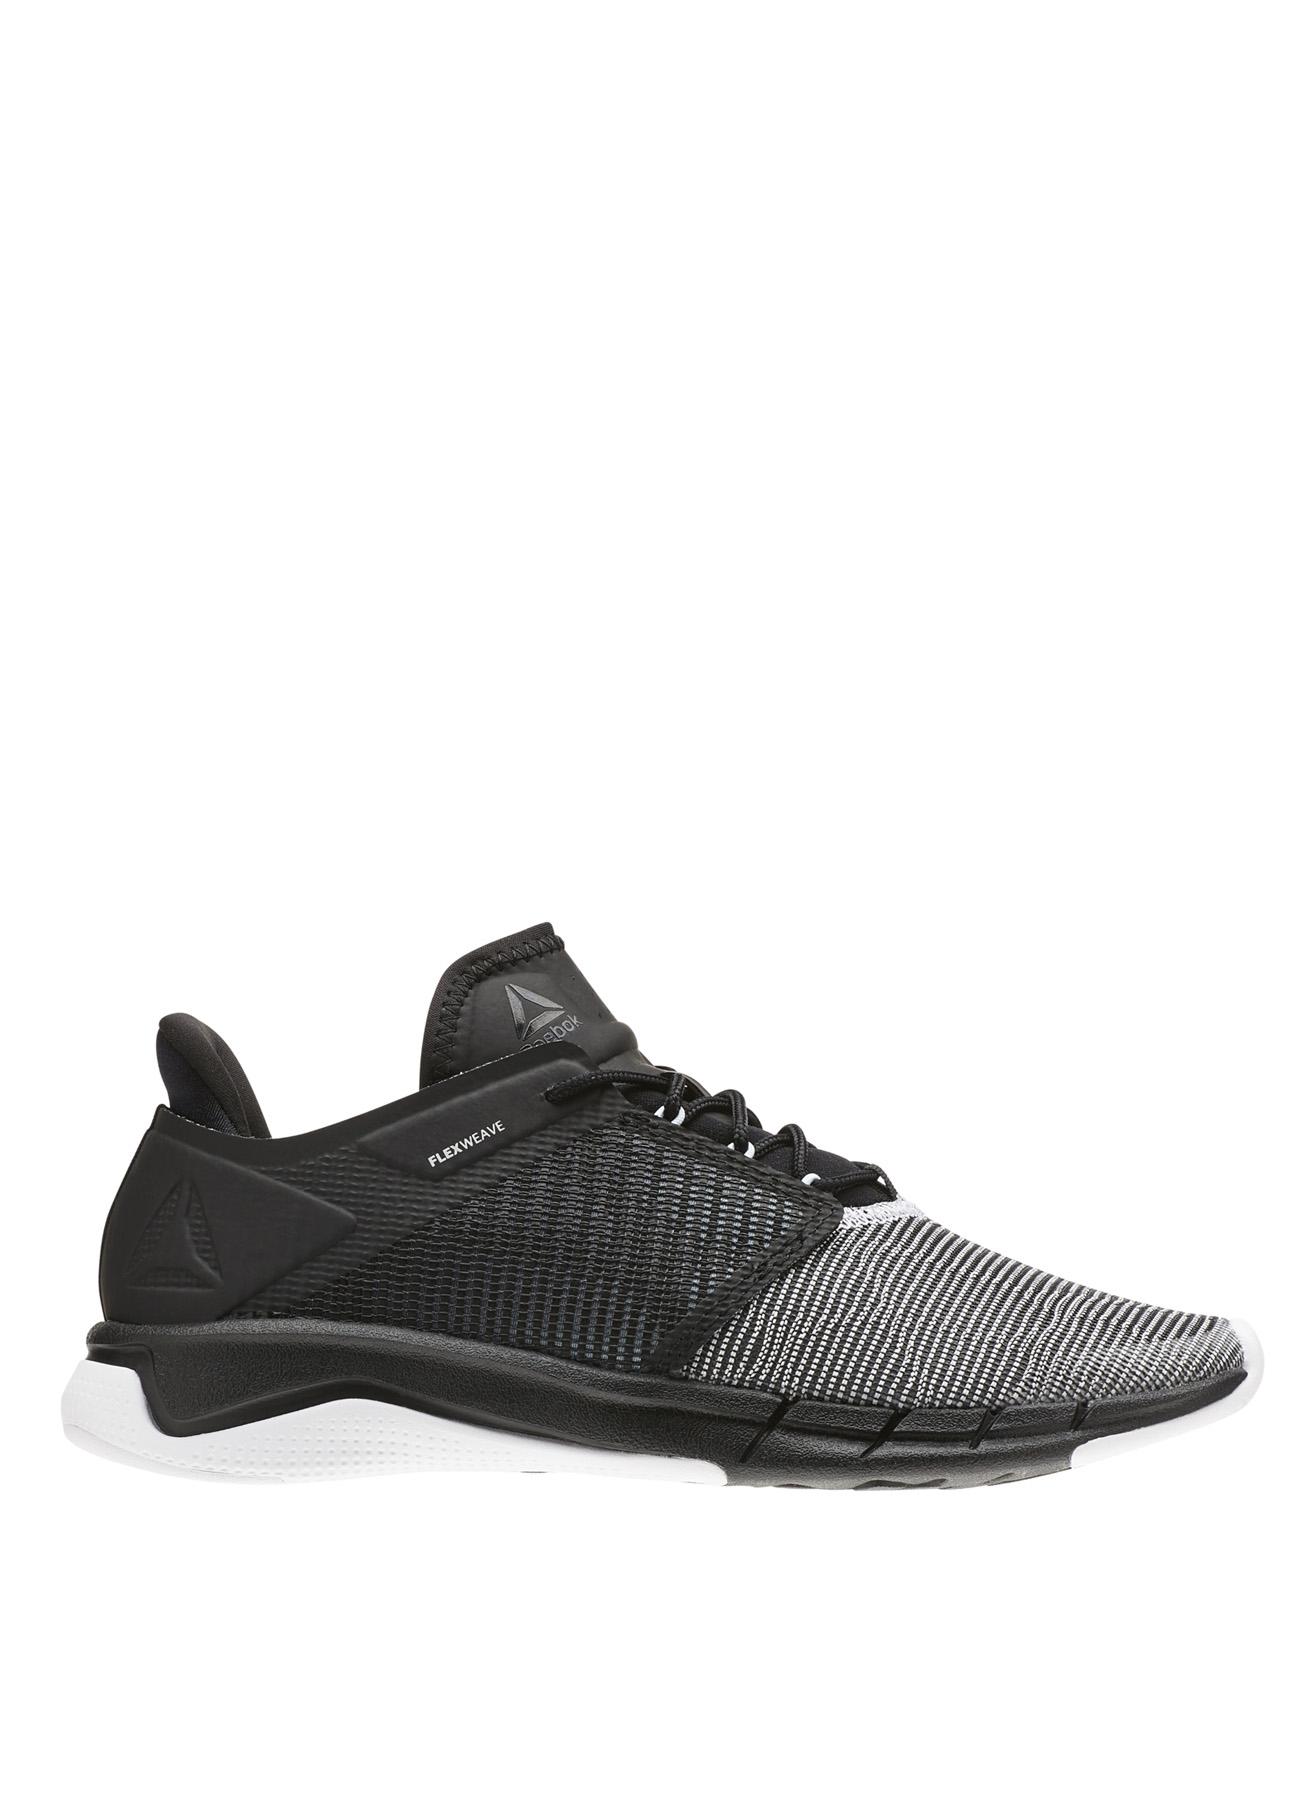 Reebok Fast Flexweave Koşu Ayakkabısı 37 5001633183002 Ürün Resmi